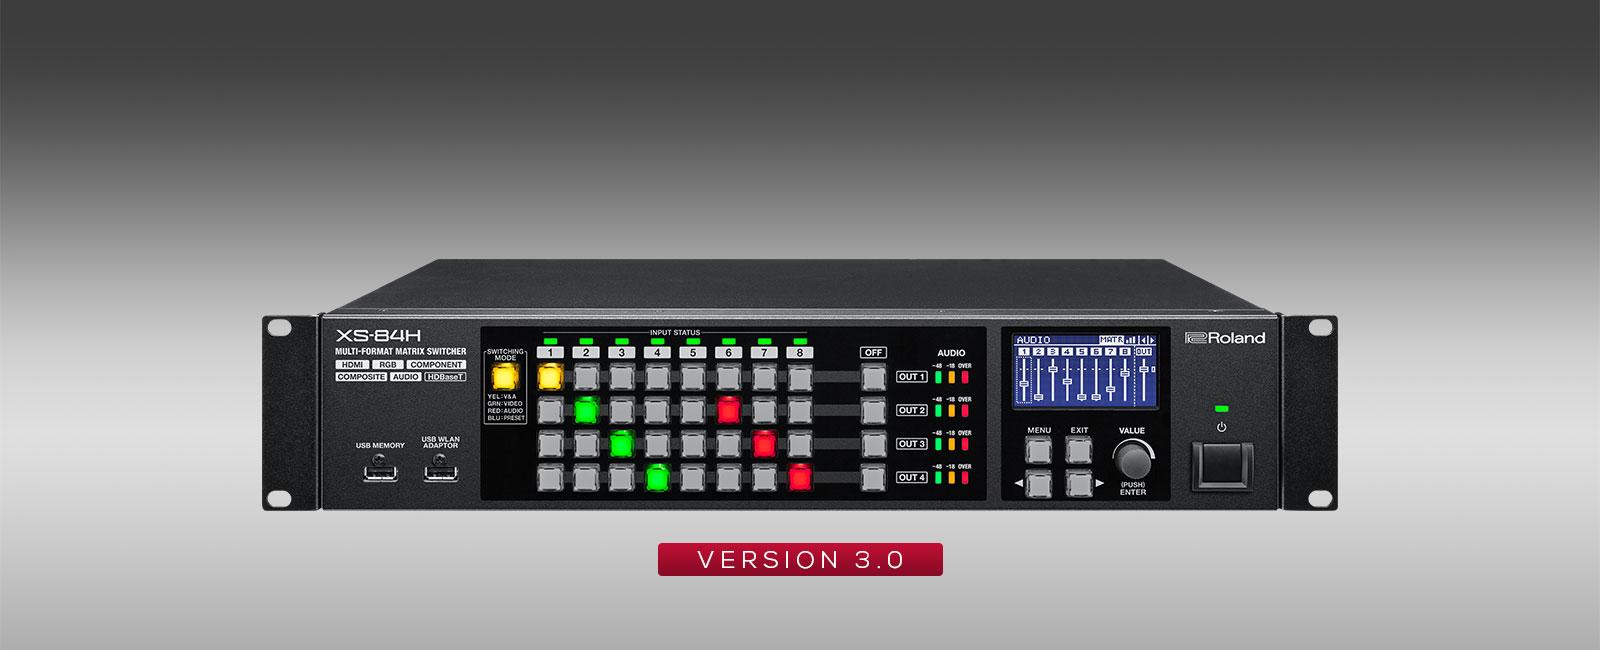 Serie XS, Versión 3.0